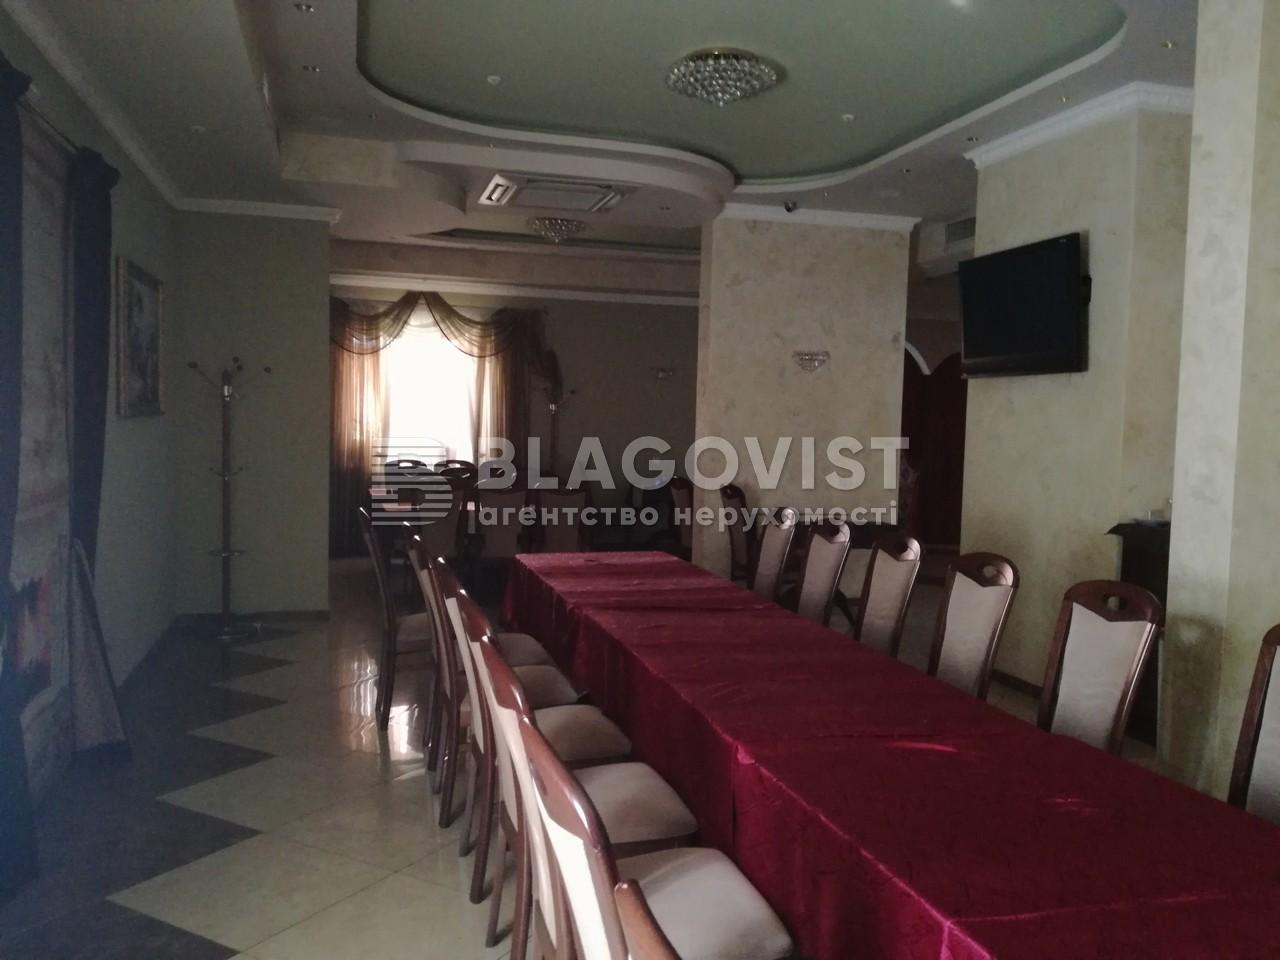 Нежилое помещение, Z-232172, Калнишевского Петра (Майорова М.), Киев - Фото 14